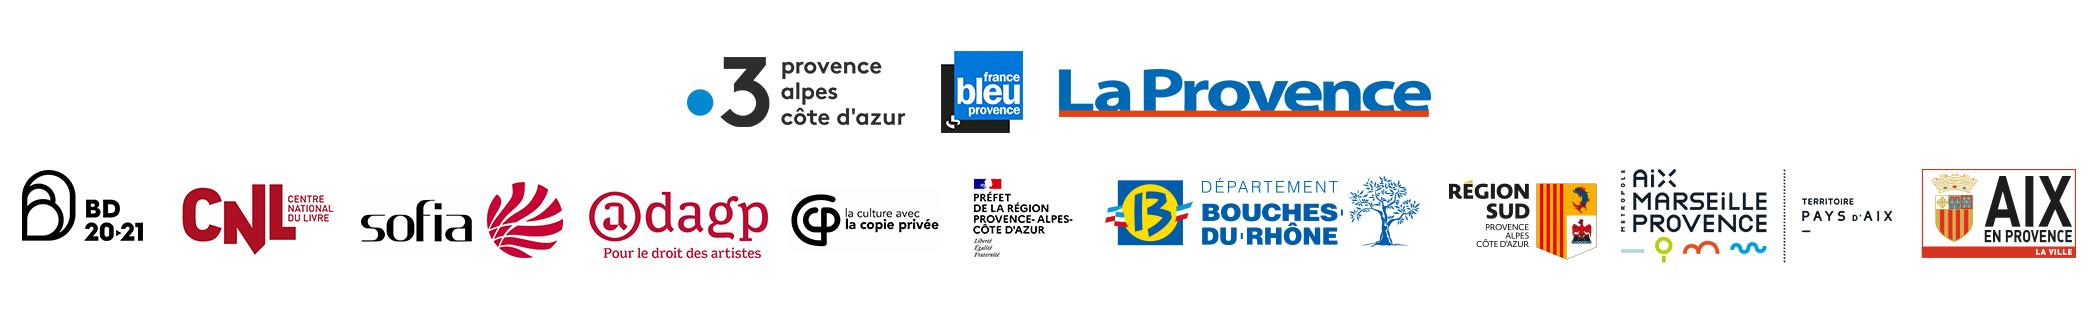 bandeau-logo-site-bd-2021